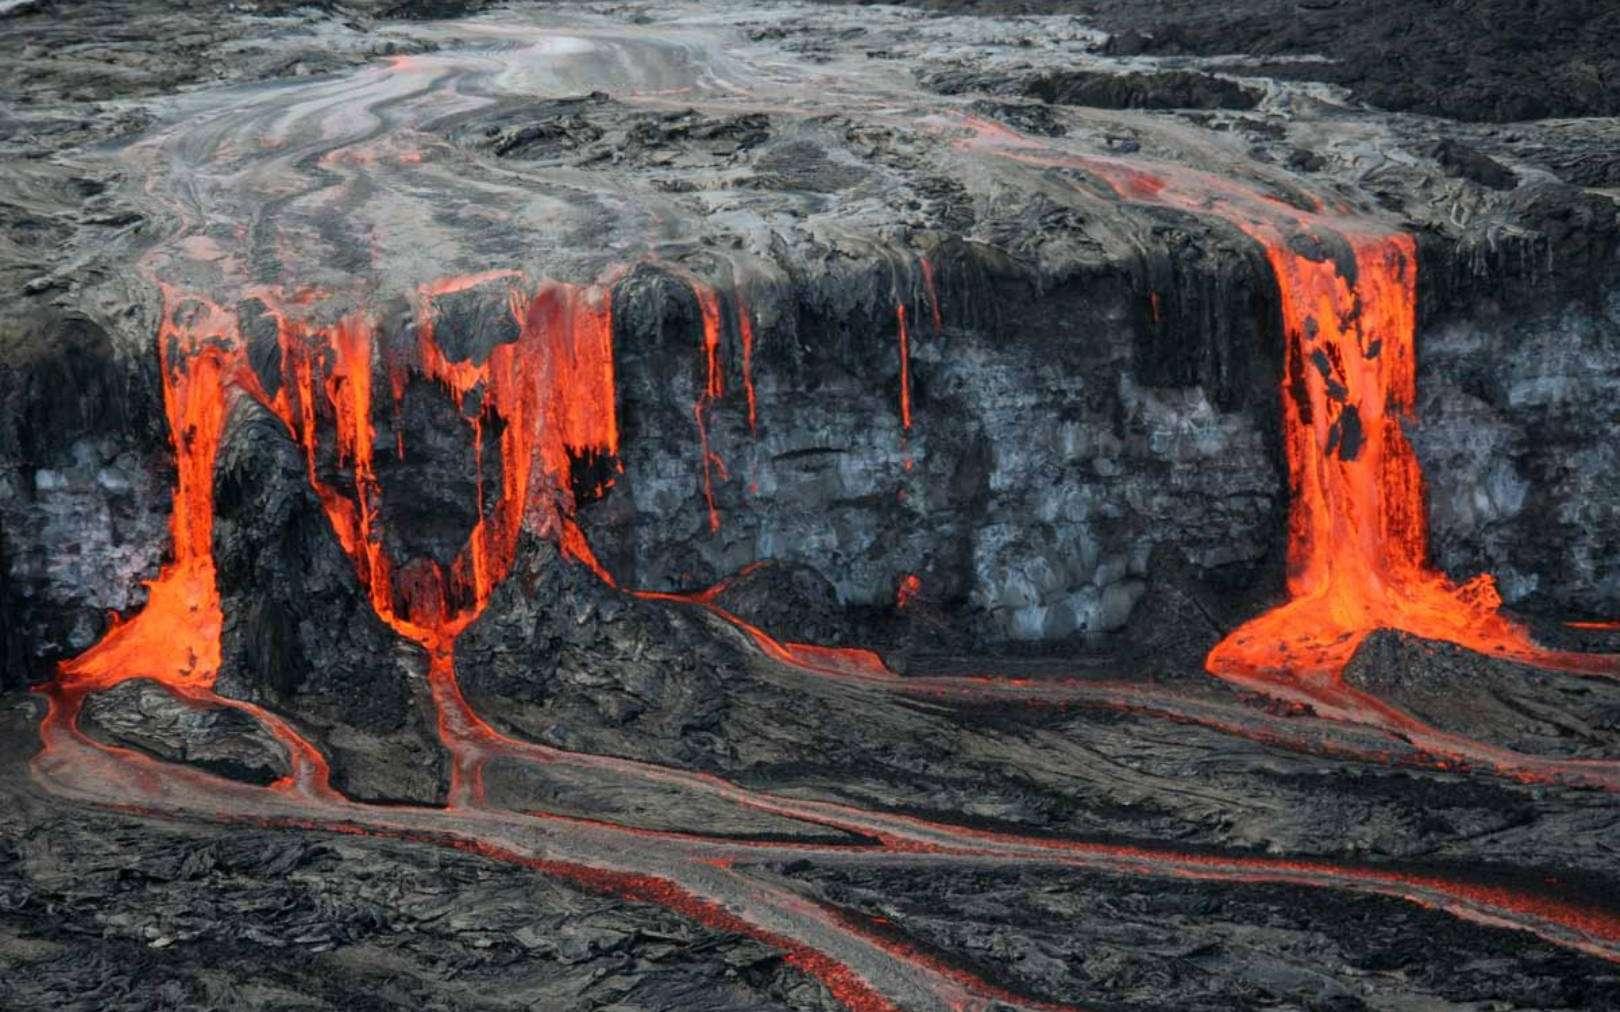 ¯Une éruption du volcan Kilauea à Hawaï a émis de grandes quantités de laves formant la cascade que l'on voit sur cette photo. © USGS